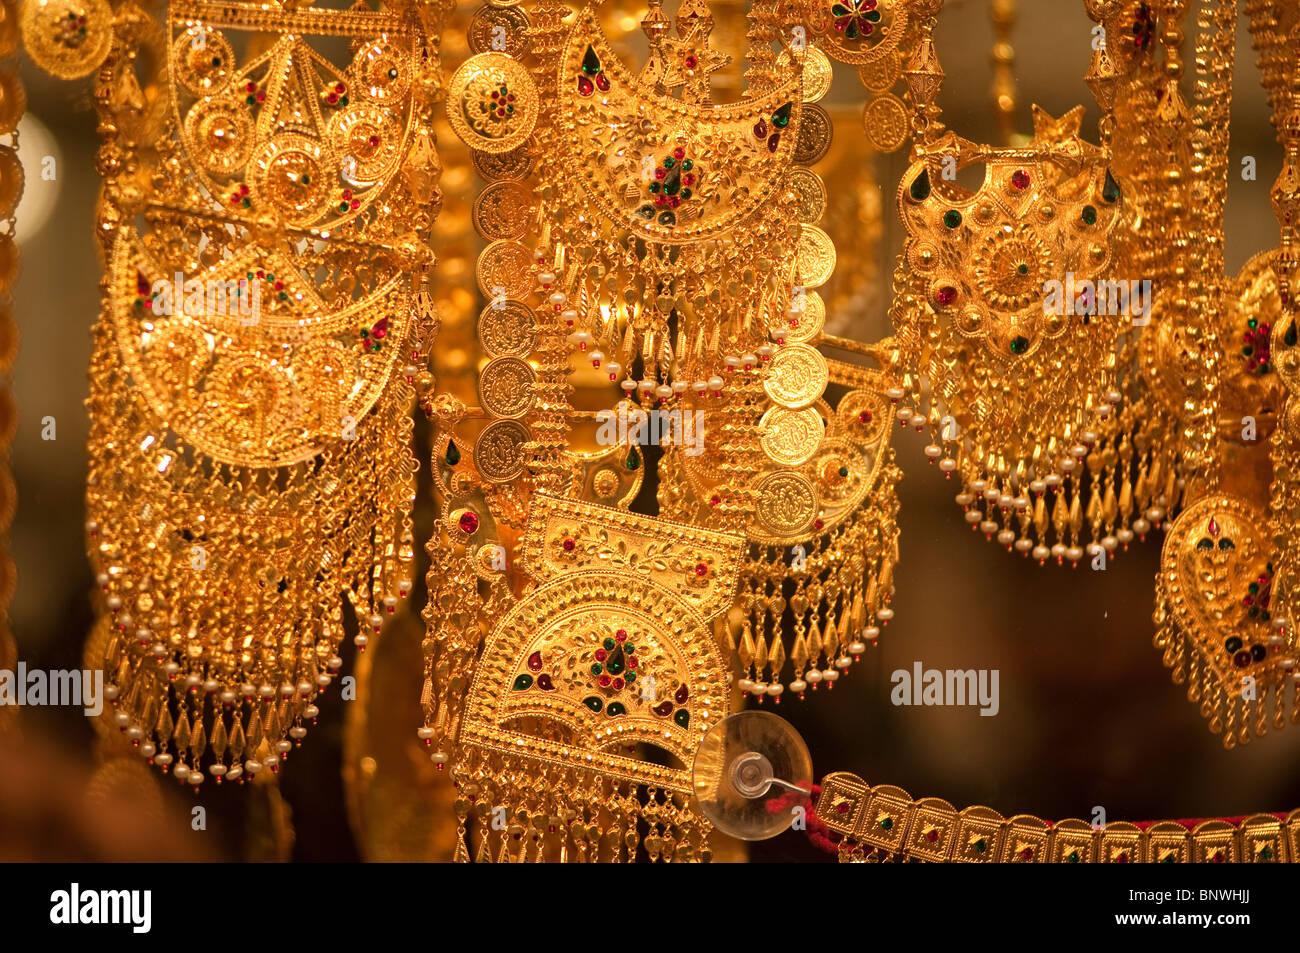 Gold Souk, Dubai, United Arab Emirates, Asia - Stock Image